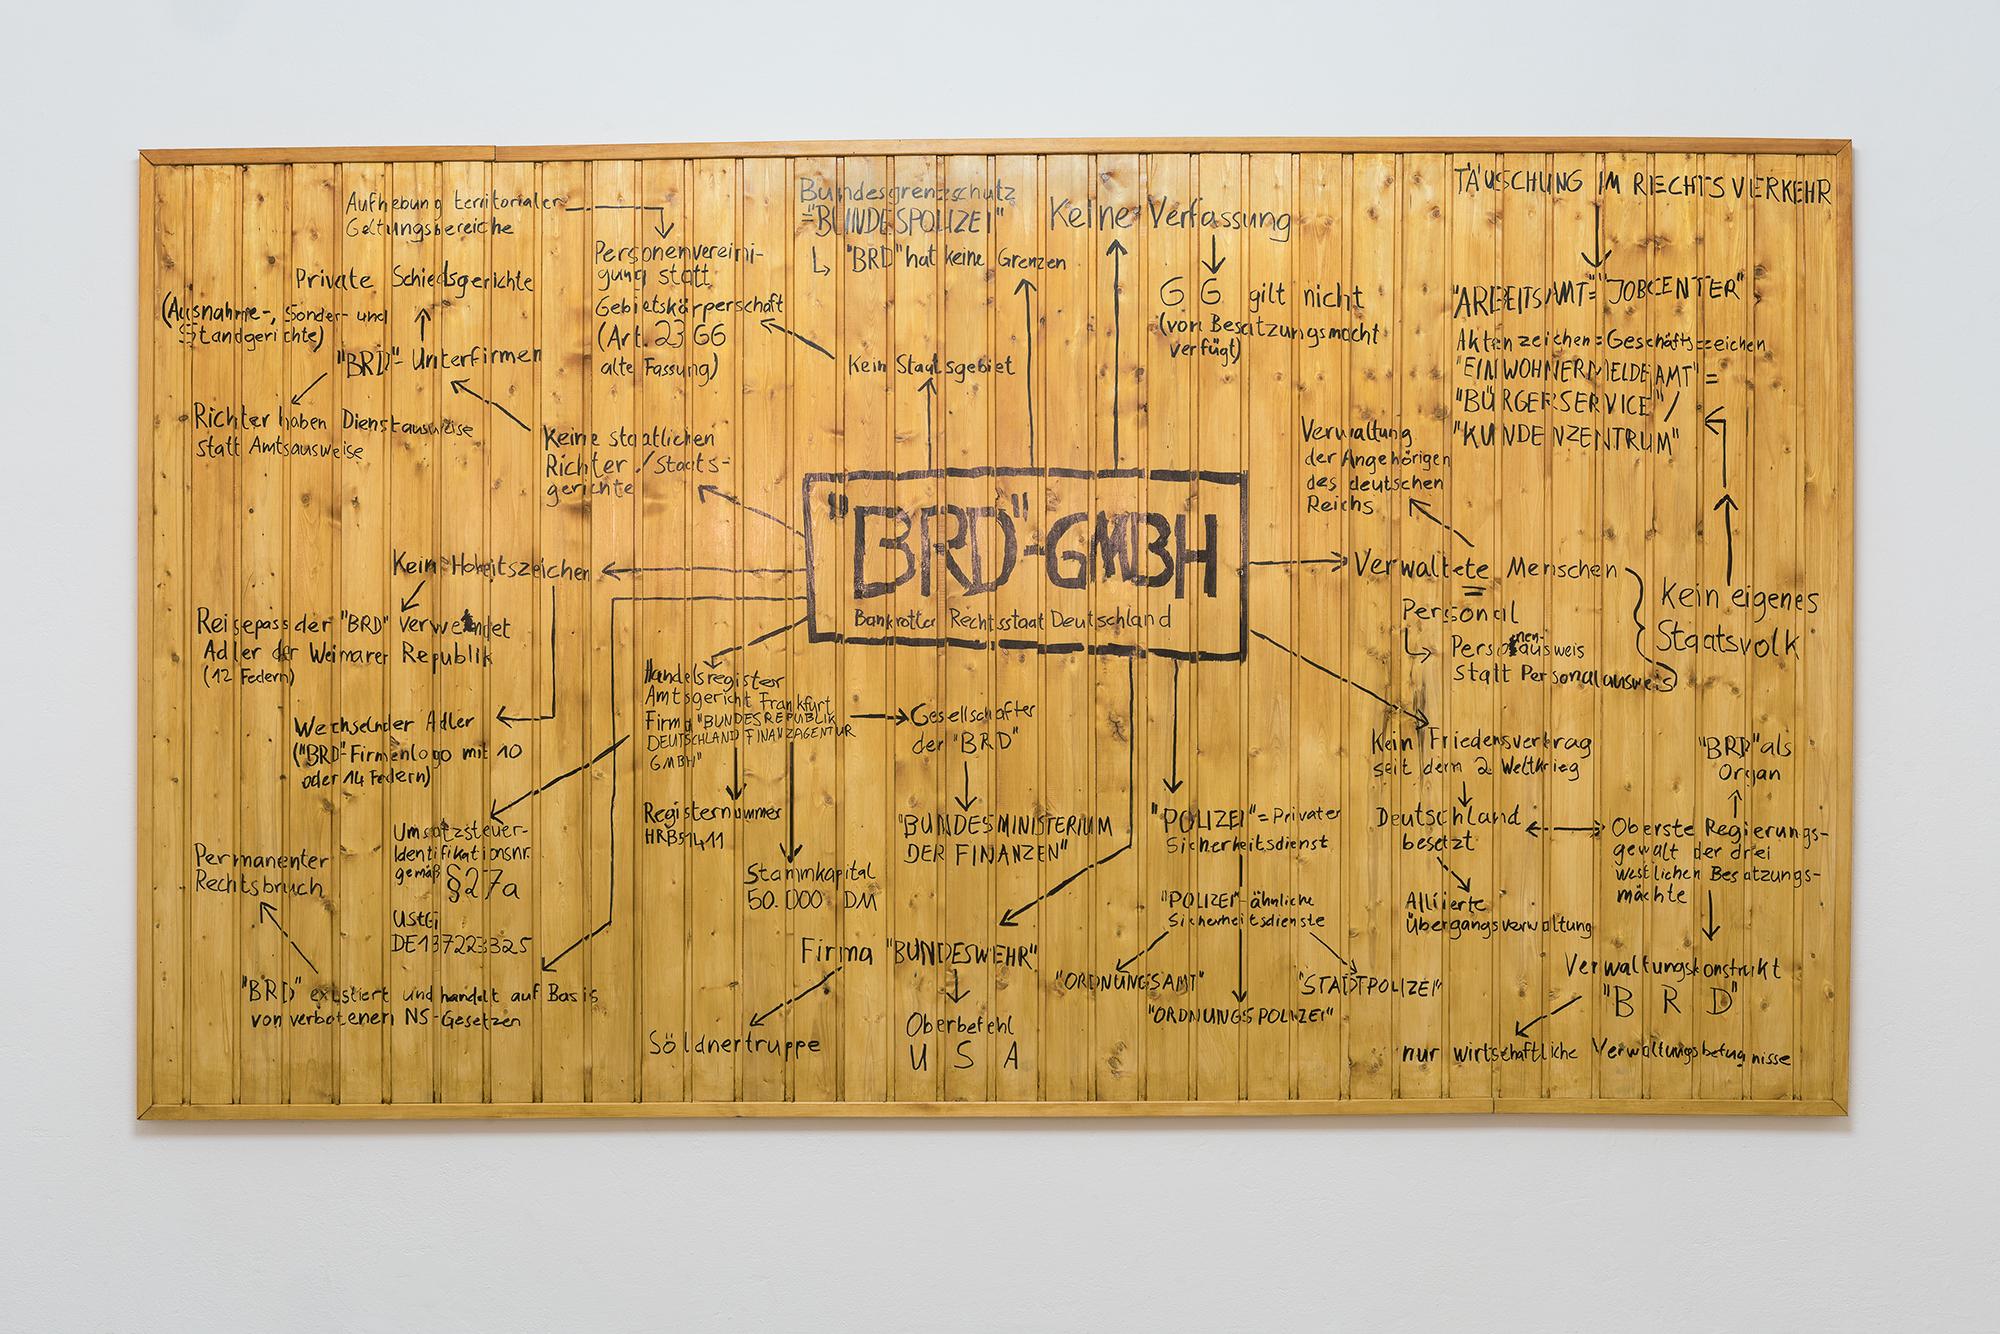 """Nicholas Warburg """"Die normative Kraft des Faktischen"""" 2019 170 x 300 cm edding on  wood Photo by Sascha Herrmann"""